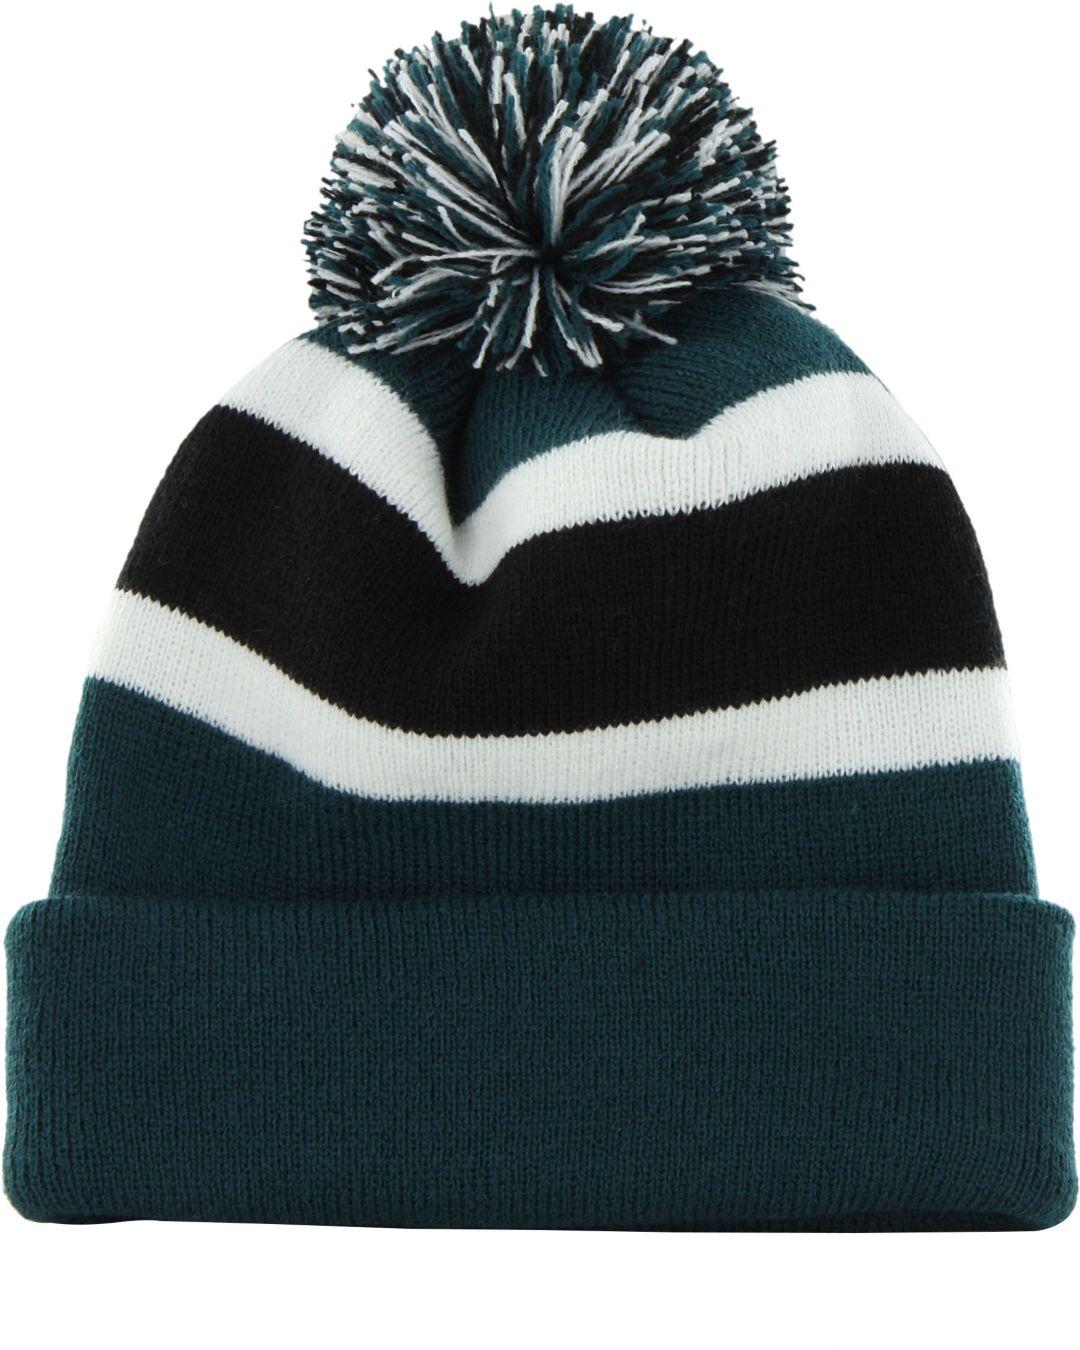 f8e35a68 '47 Men's Philadelphia Eagles Breakaway Cuffed Green Knit Hat